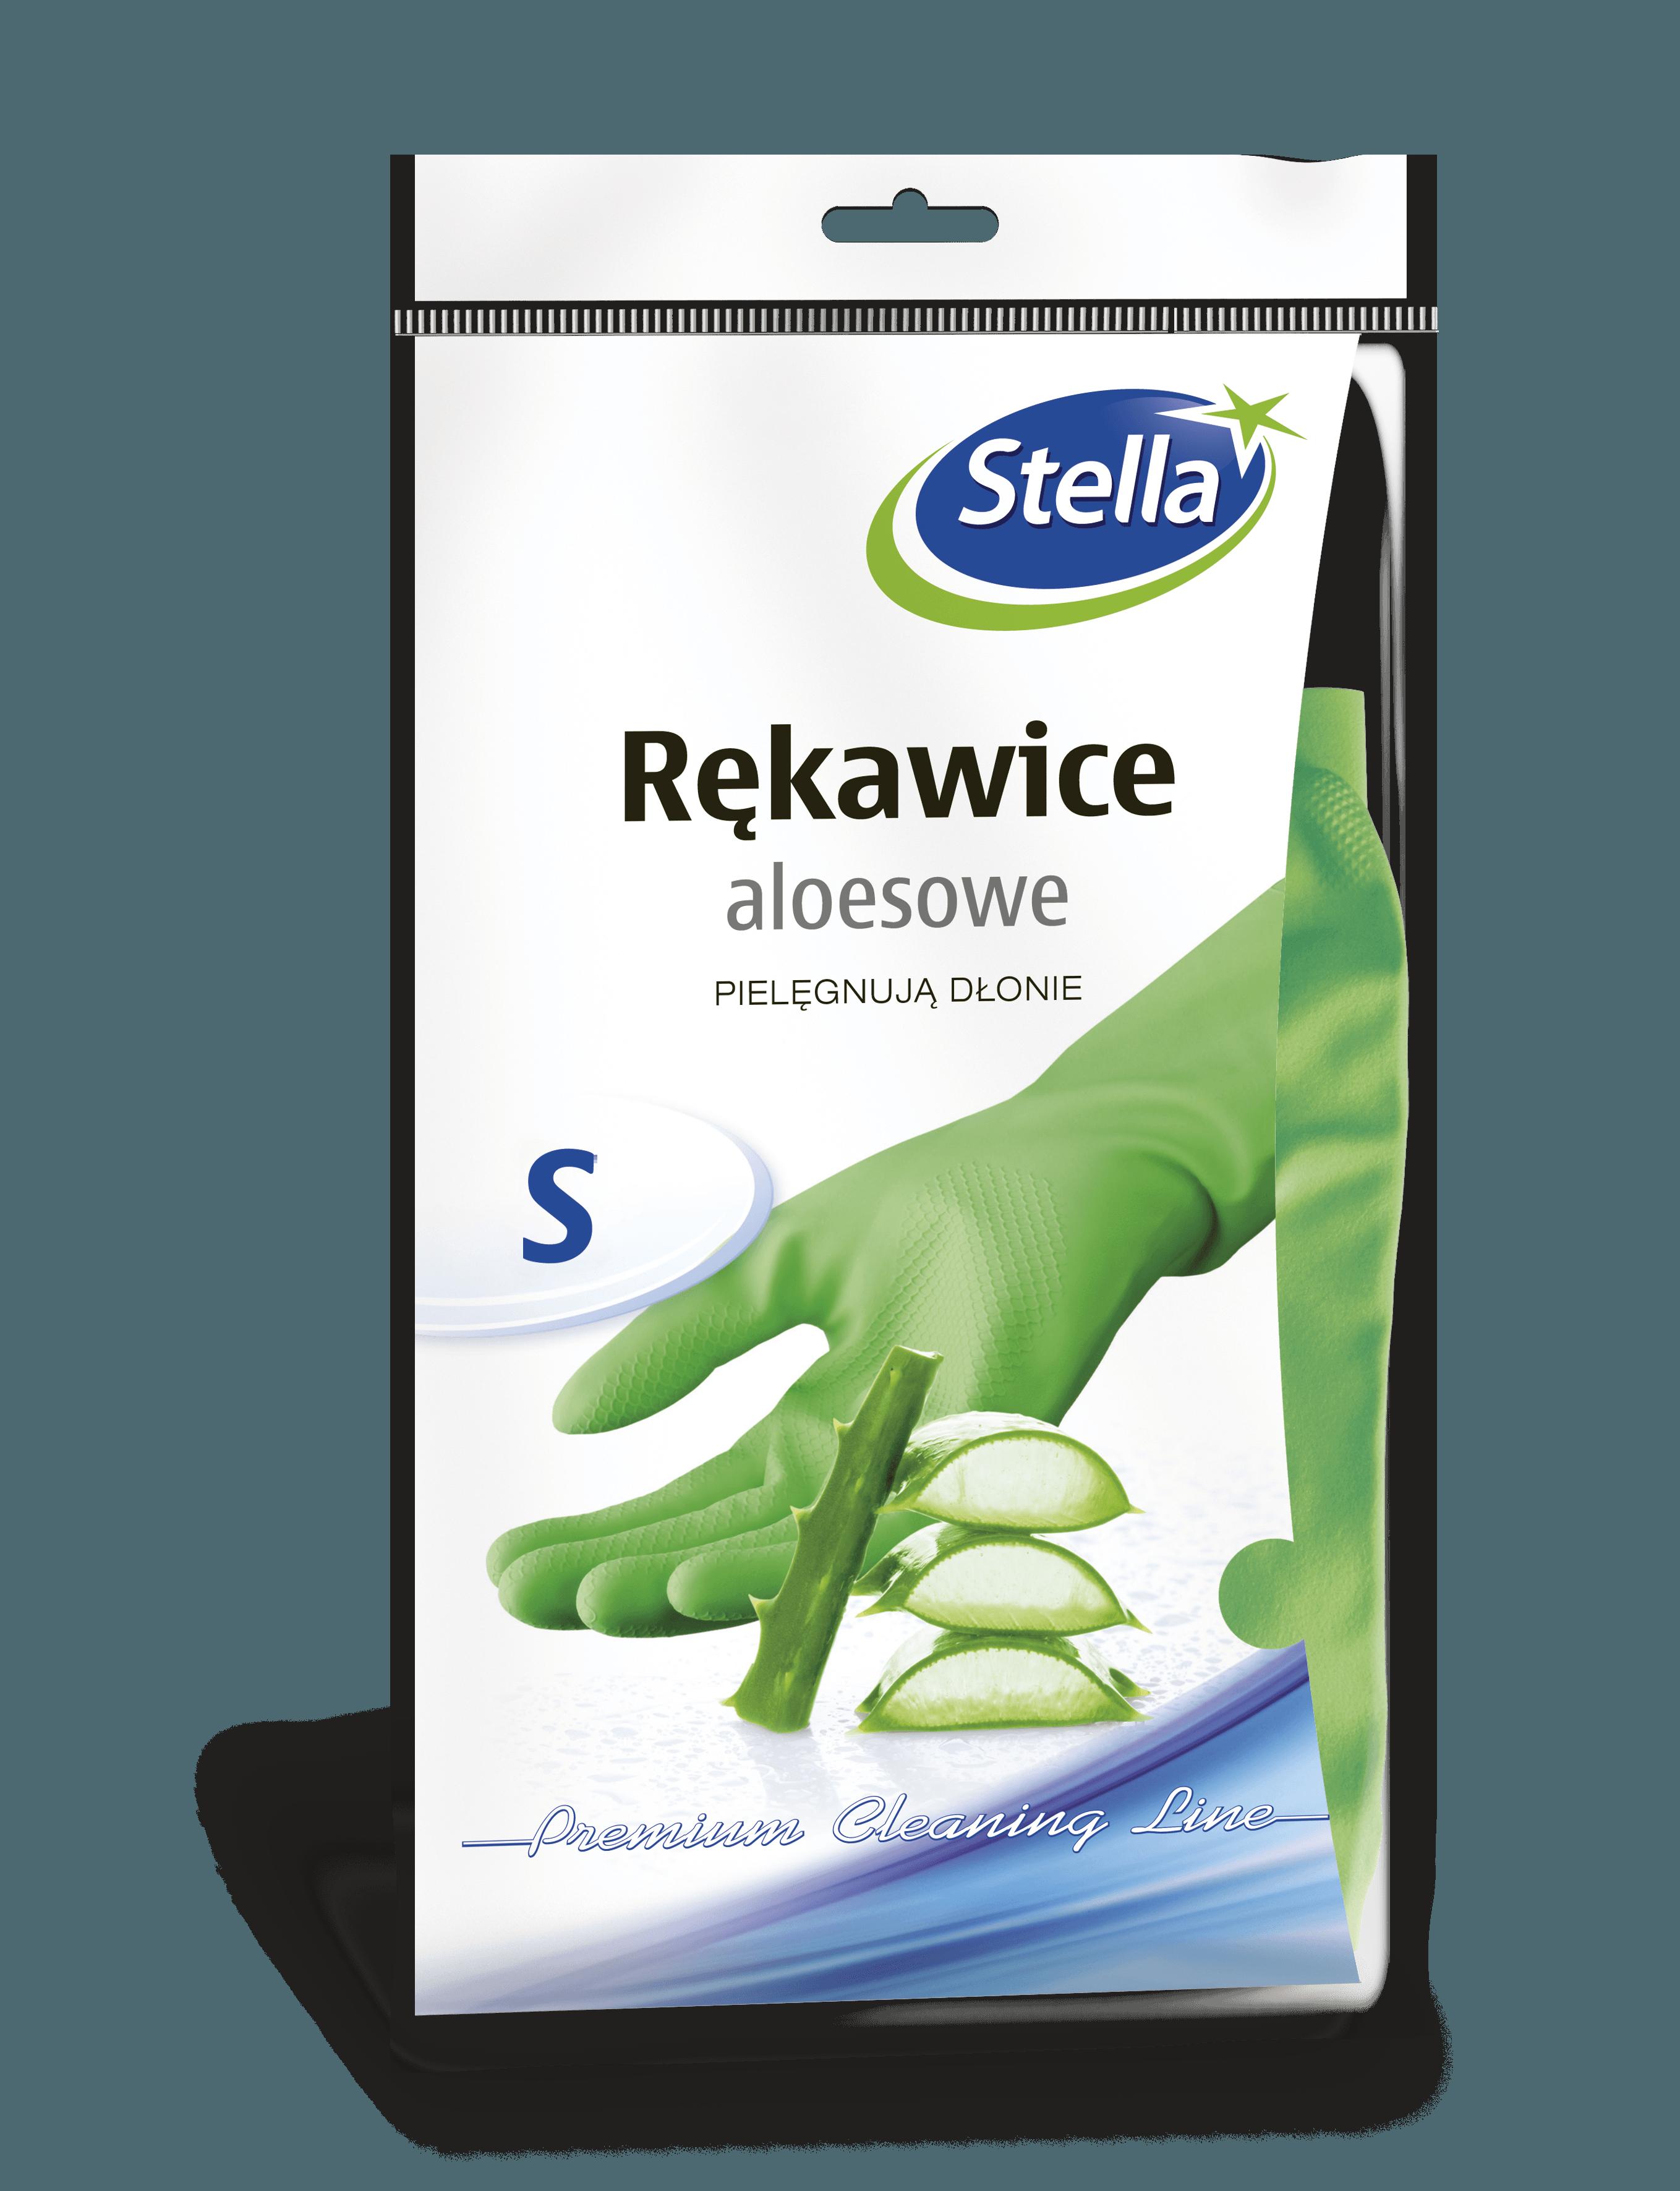 Rękawice aloesowe S STELLA